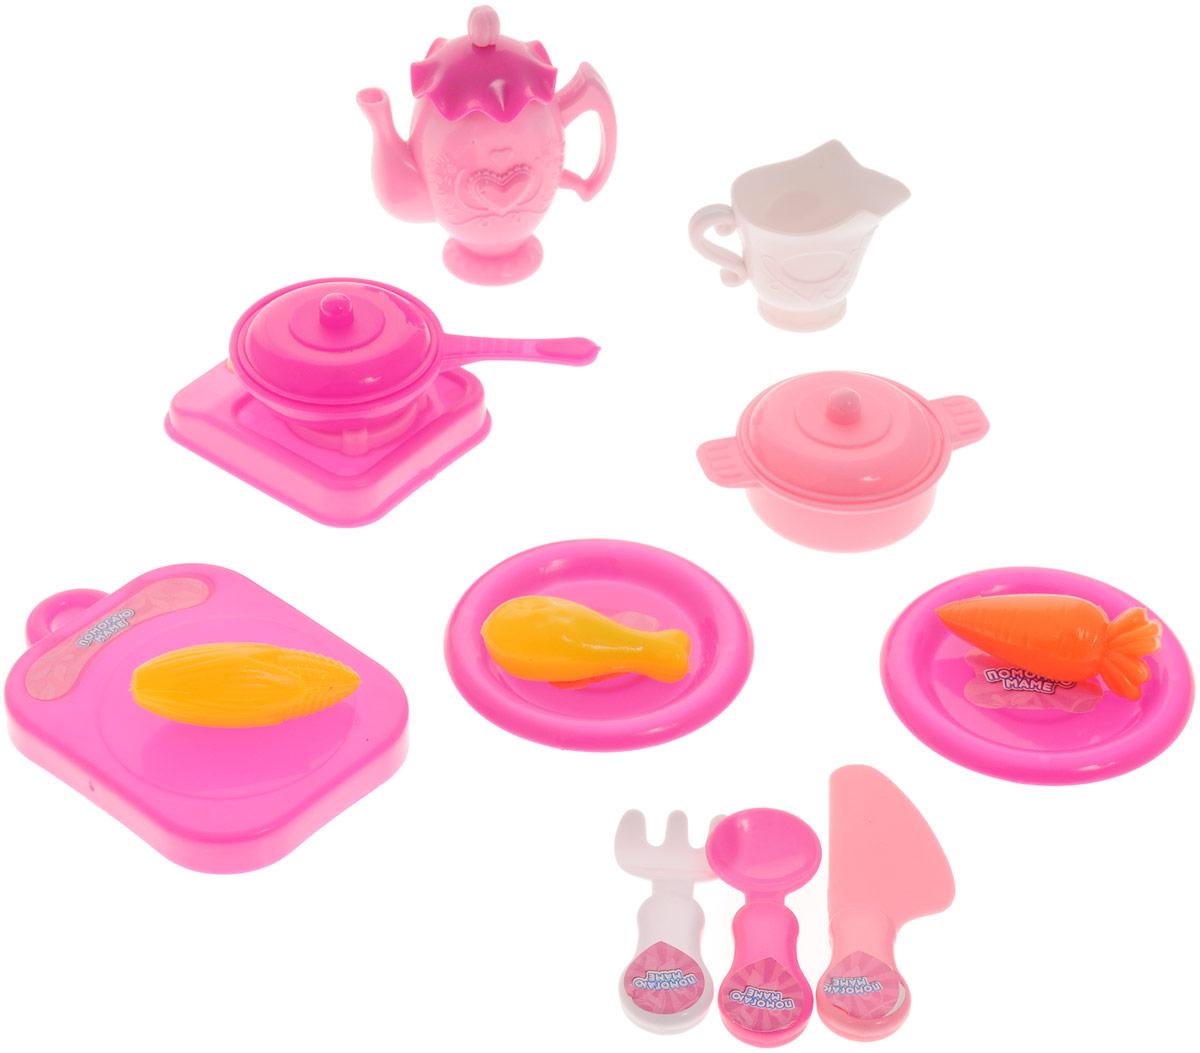 ABtoys Игрушечный набор посуды 15 предметовPT-00402Игрушечный набор посуды ABtoys просто незаменим в кукольном домике. Яркий и современный дизайн посуды делает ее привлекательной и стильной. В набор входят: столовые приборы, муляжи продуктов, плита и другие аксессуары. Посуда будет прекрасно смотреться на кукольной кухне и будет незаменима во время приготовления еды для кукол. Все элементы набора выполнены из качественных и безопасных материалов. Игровые наборы из серии Помогаю Маме развивают фантазию, расширяют кругозор ребенка и помогают развить хозяйственные навыки. Набор упакован в красивую прозрачную банку с крышкой.